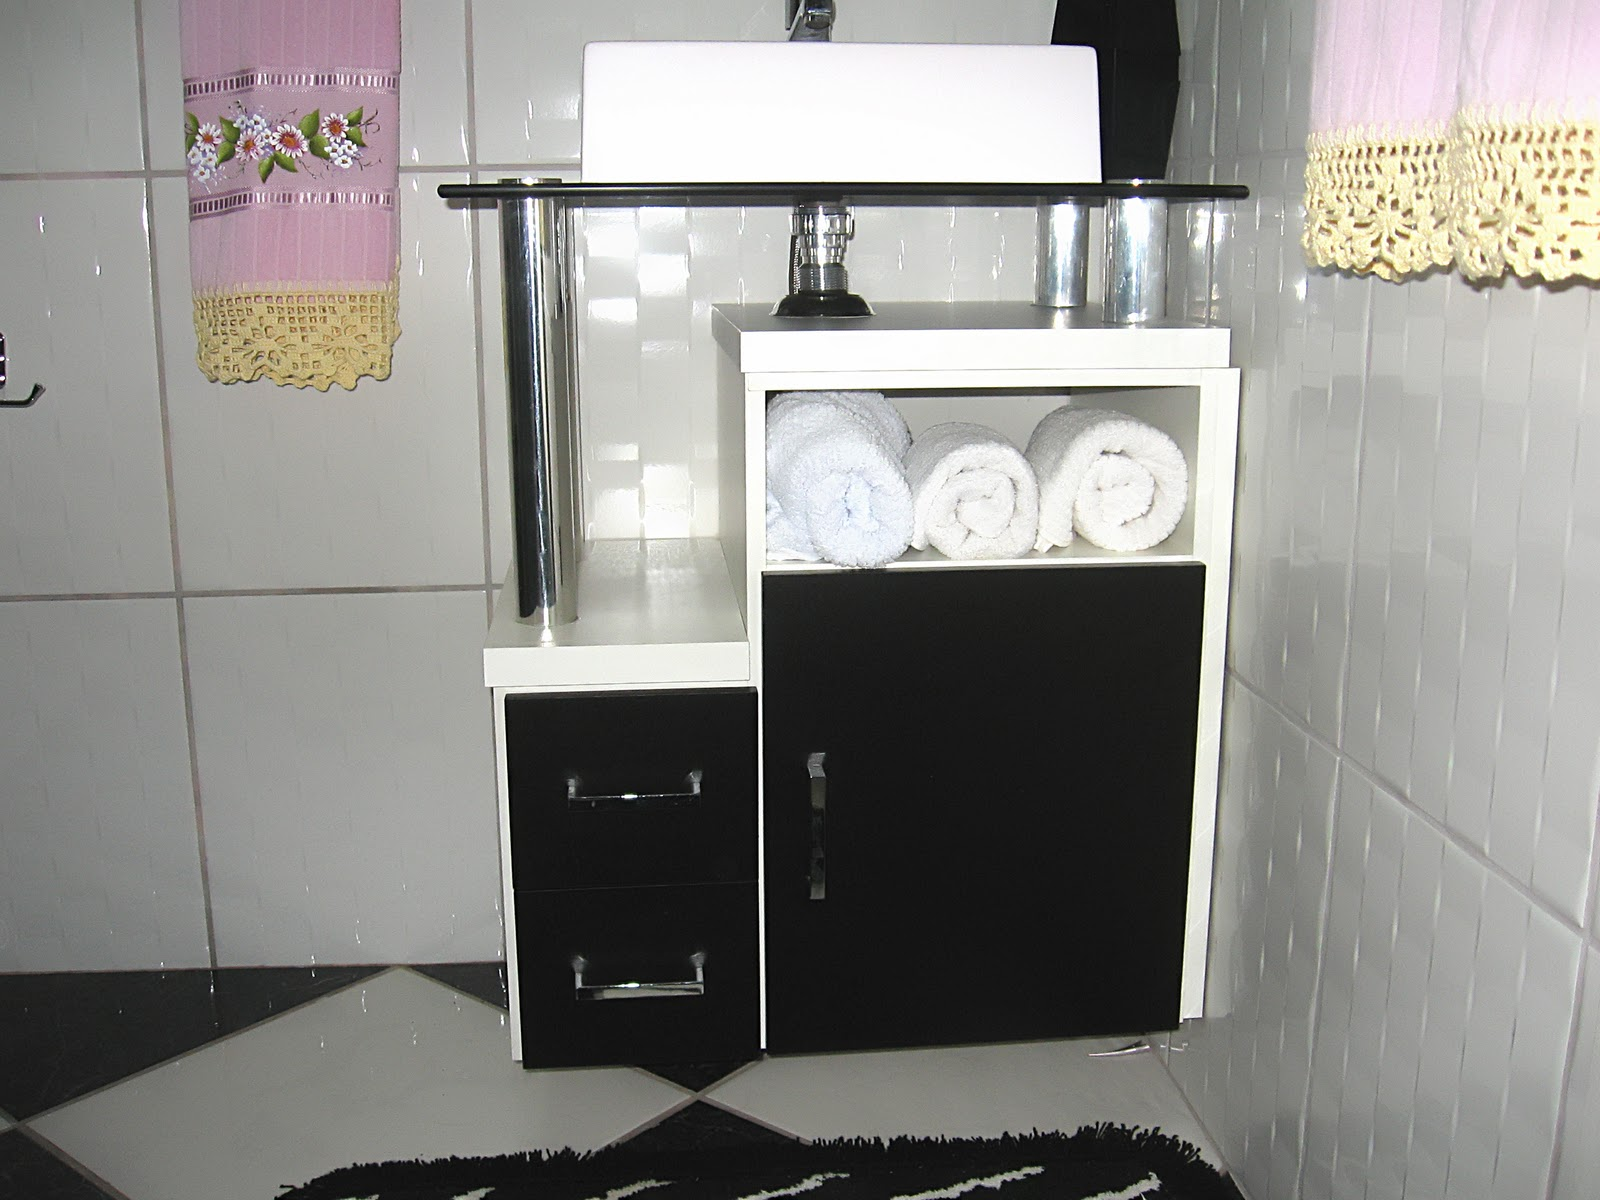 RÍMINI Ambientes Tendências Mundiais : Banheiro em preto e branco #795266 1600x1200 Balcao Banheiro Suspenso